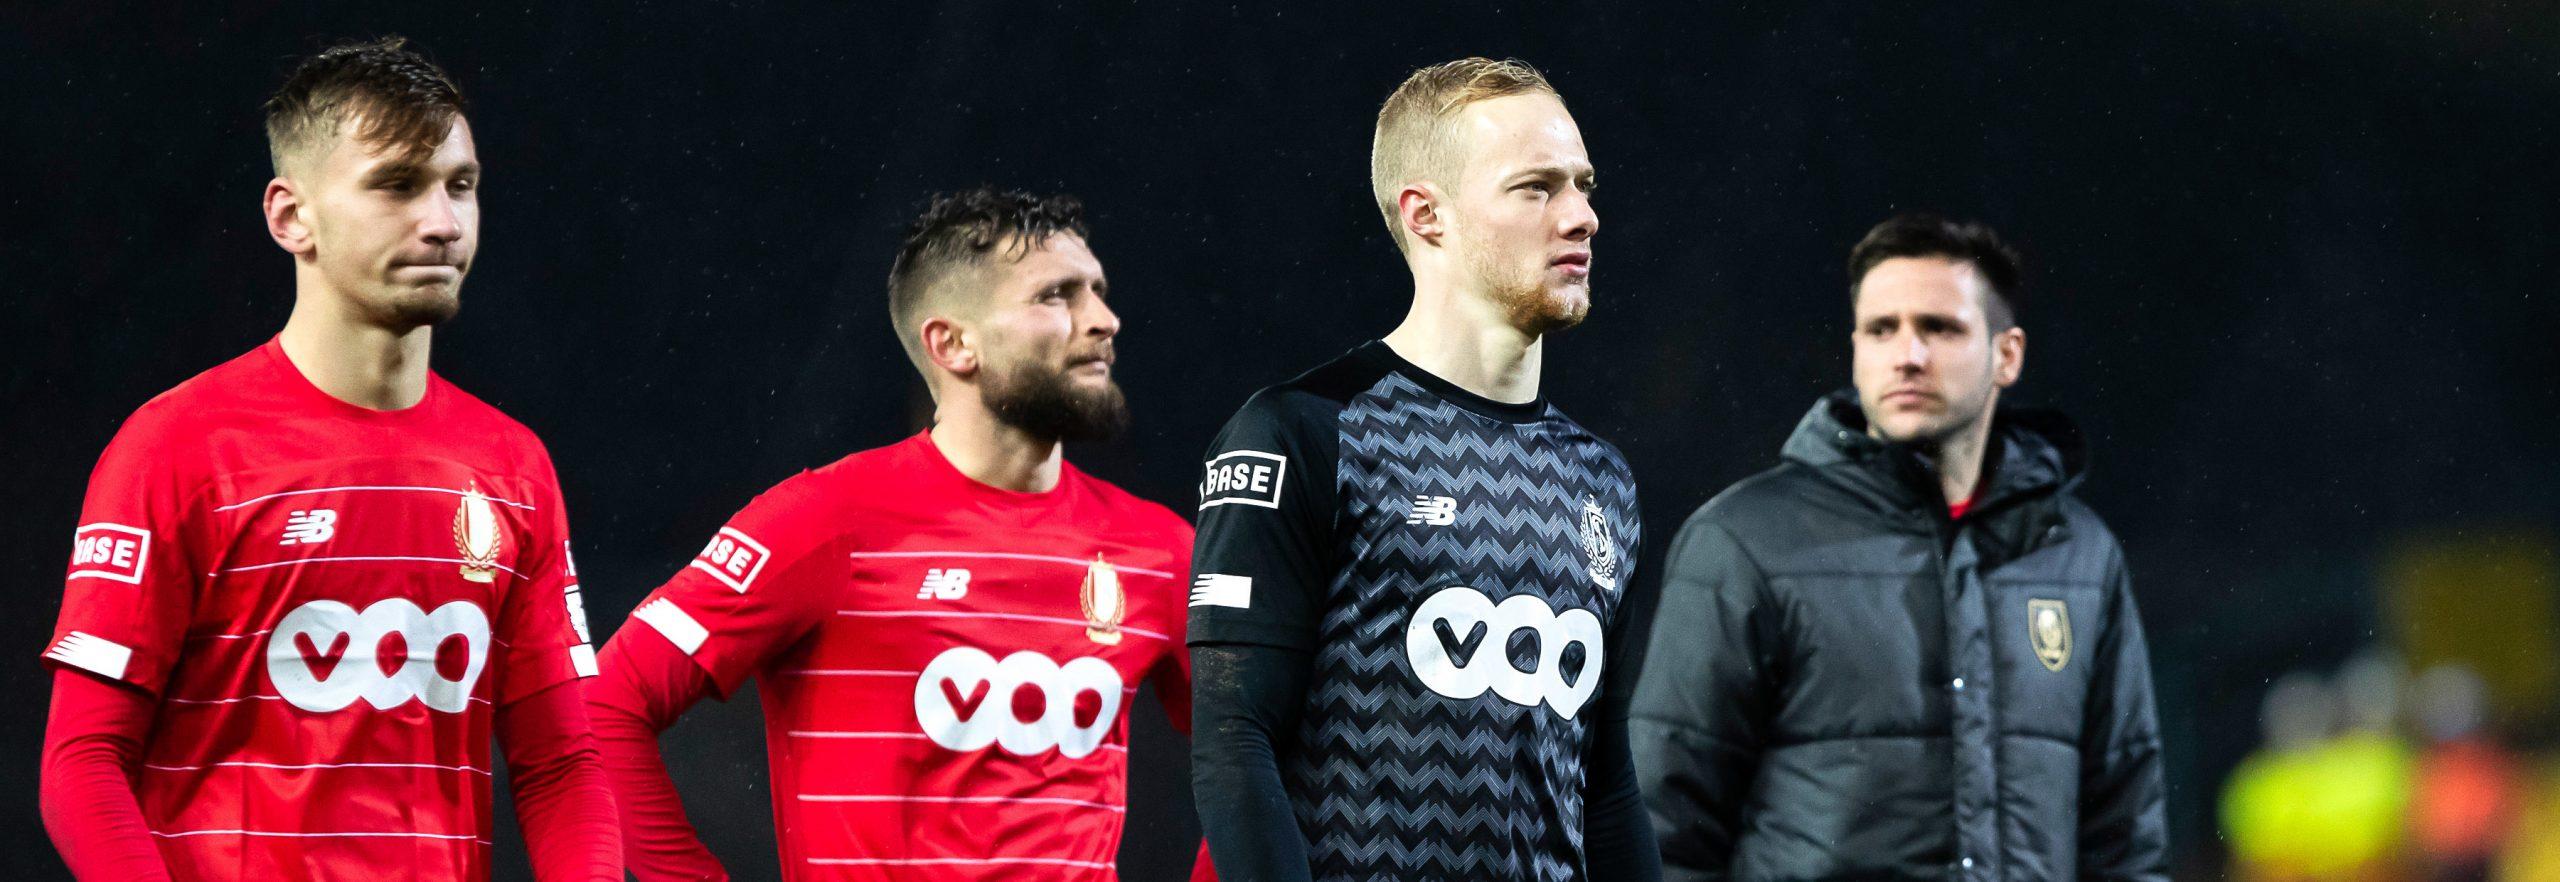 Standard-de-Liège---AA-Gent---Jupiler-Pro-League---betFIRST